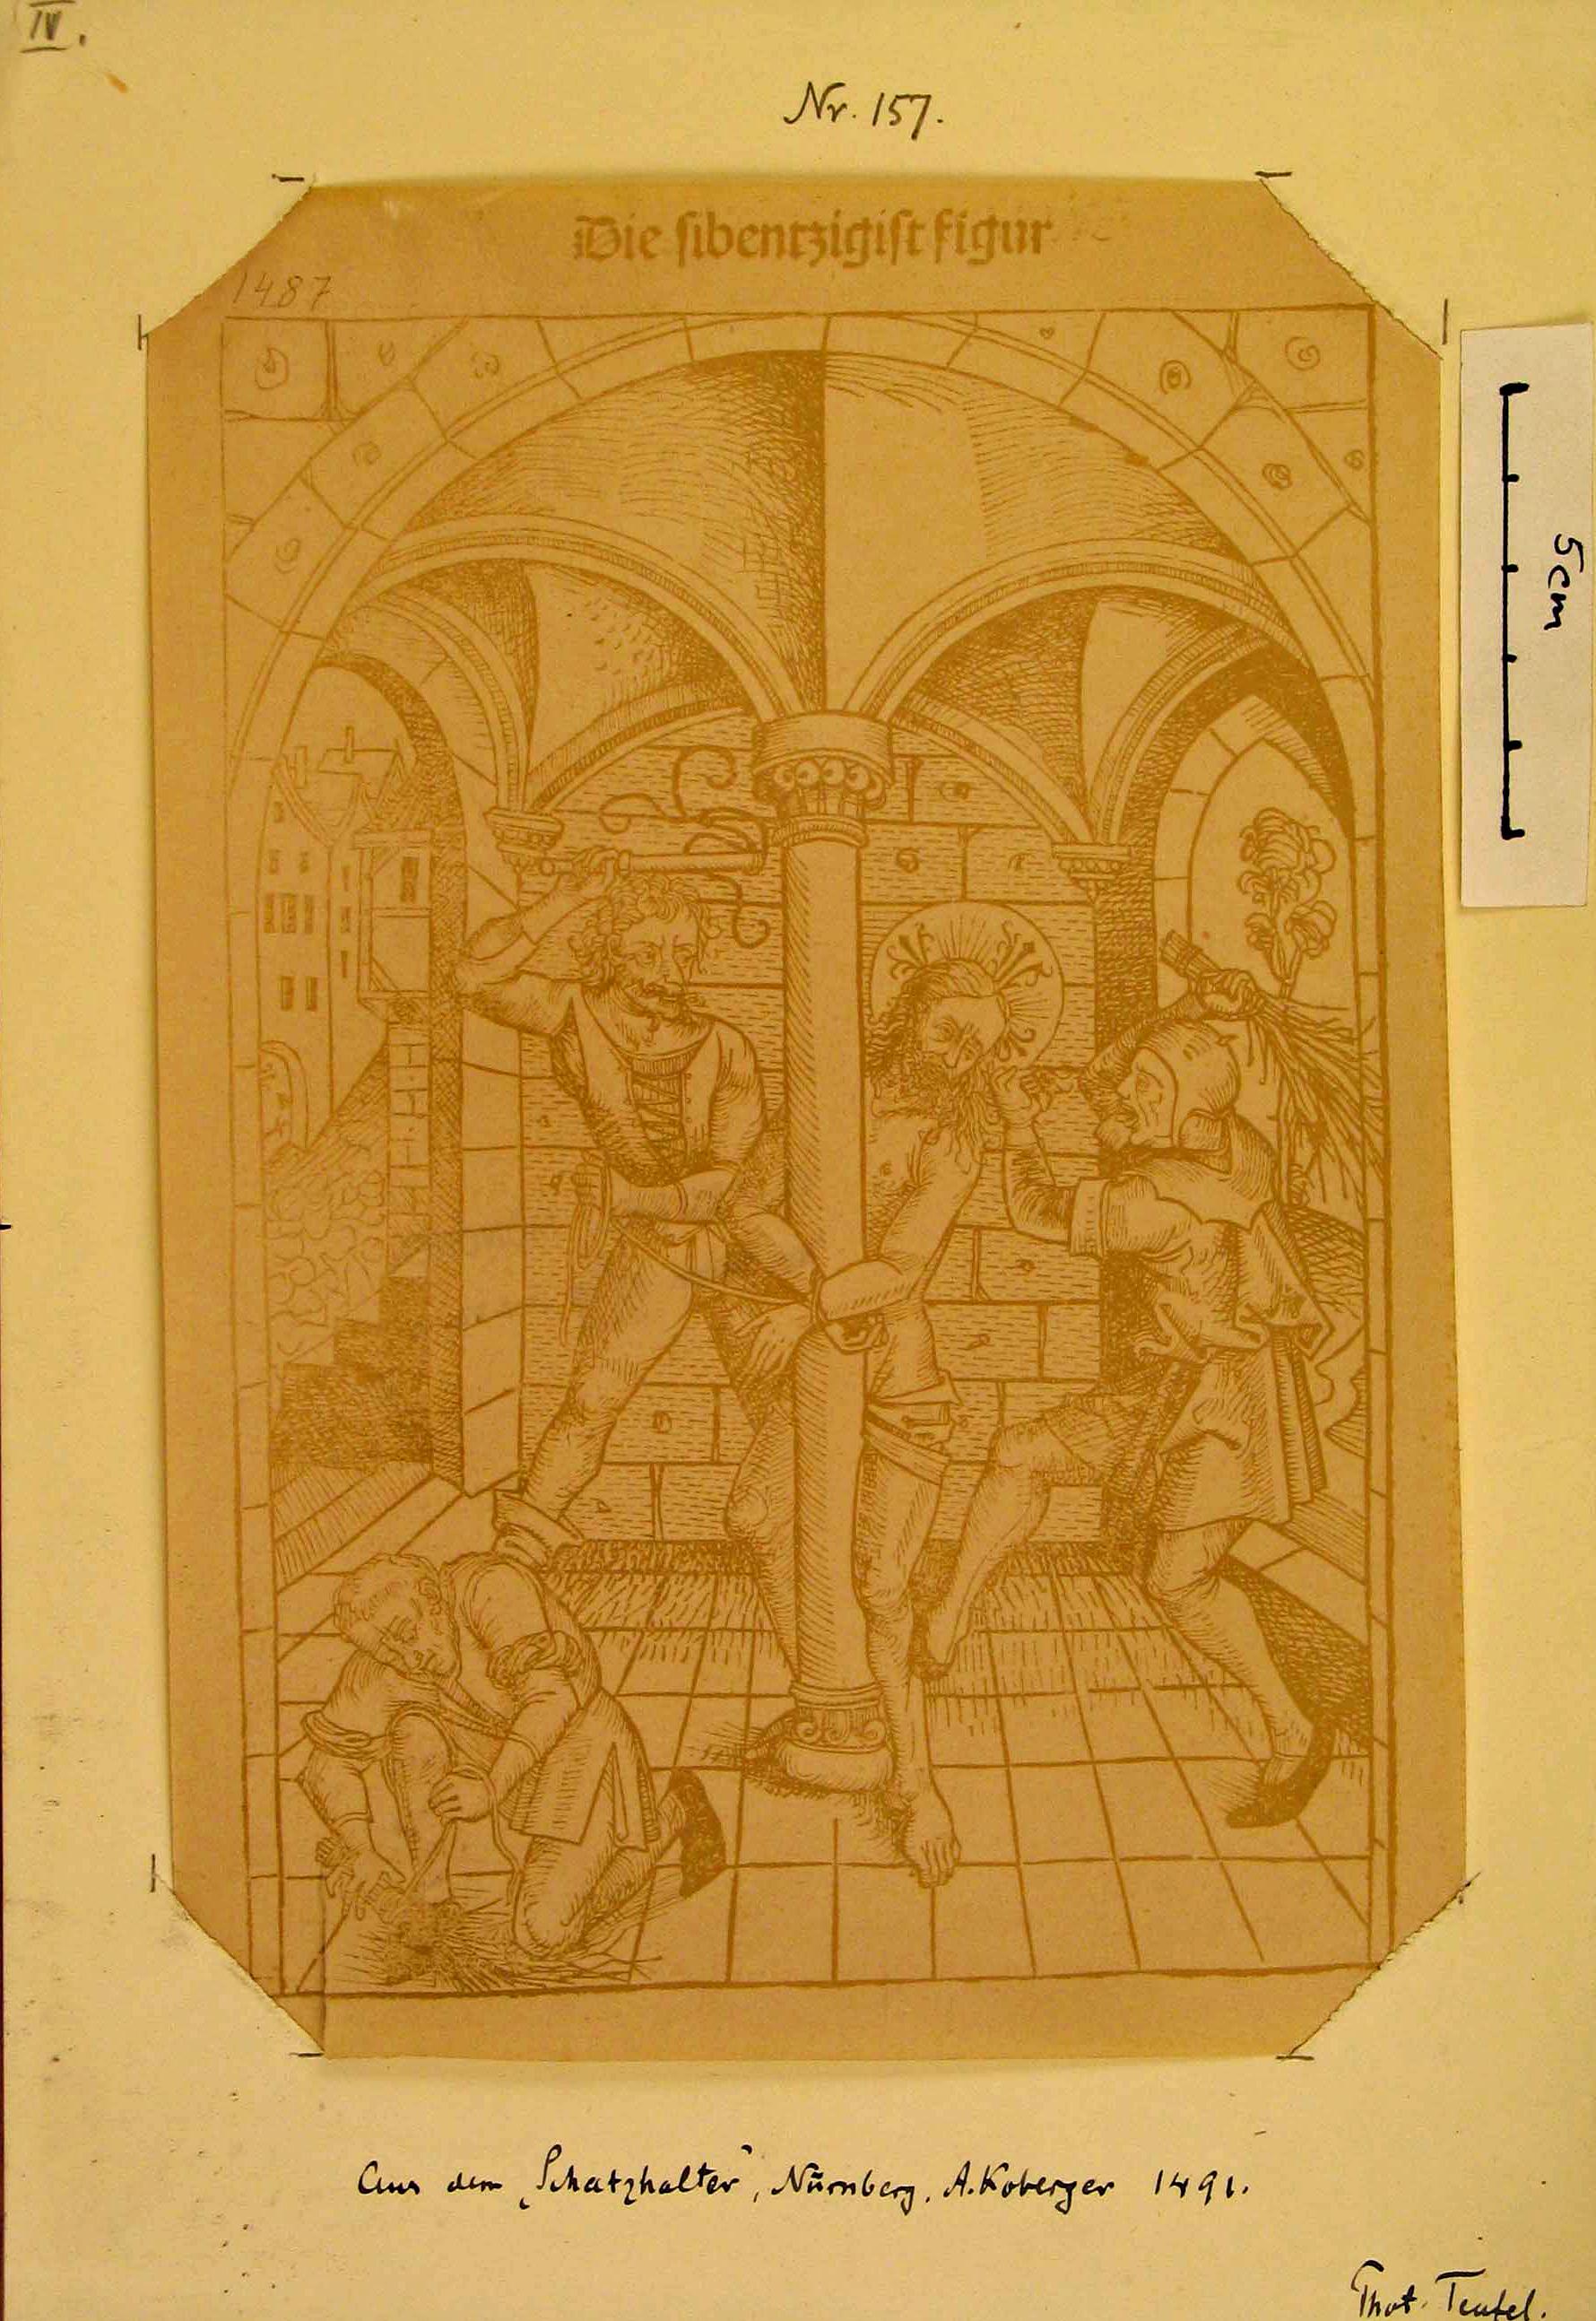 Xenia - Bestrafung und Auspeitschung am Pranger - Teil 1